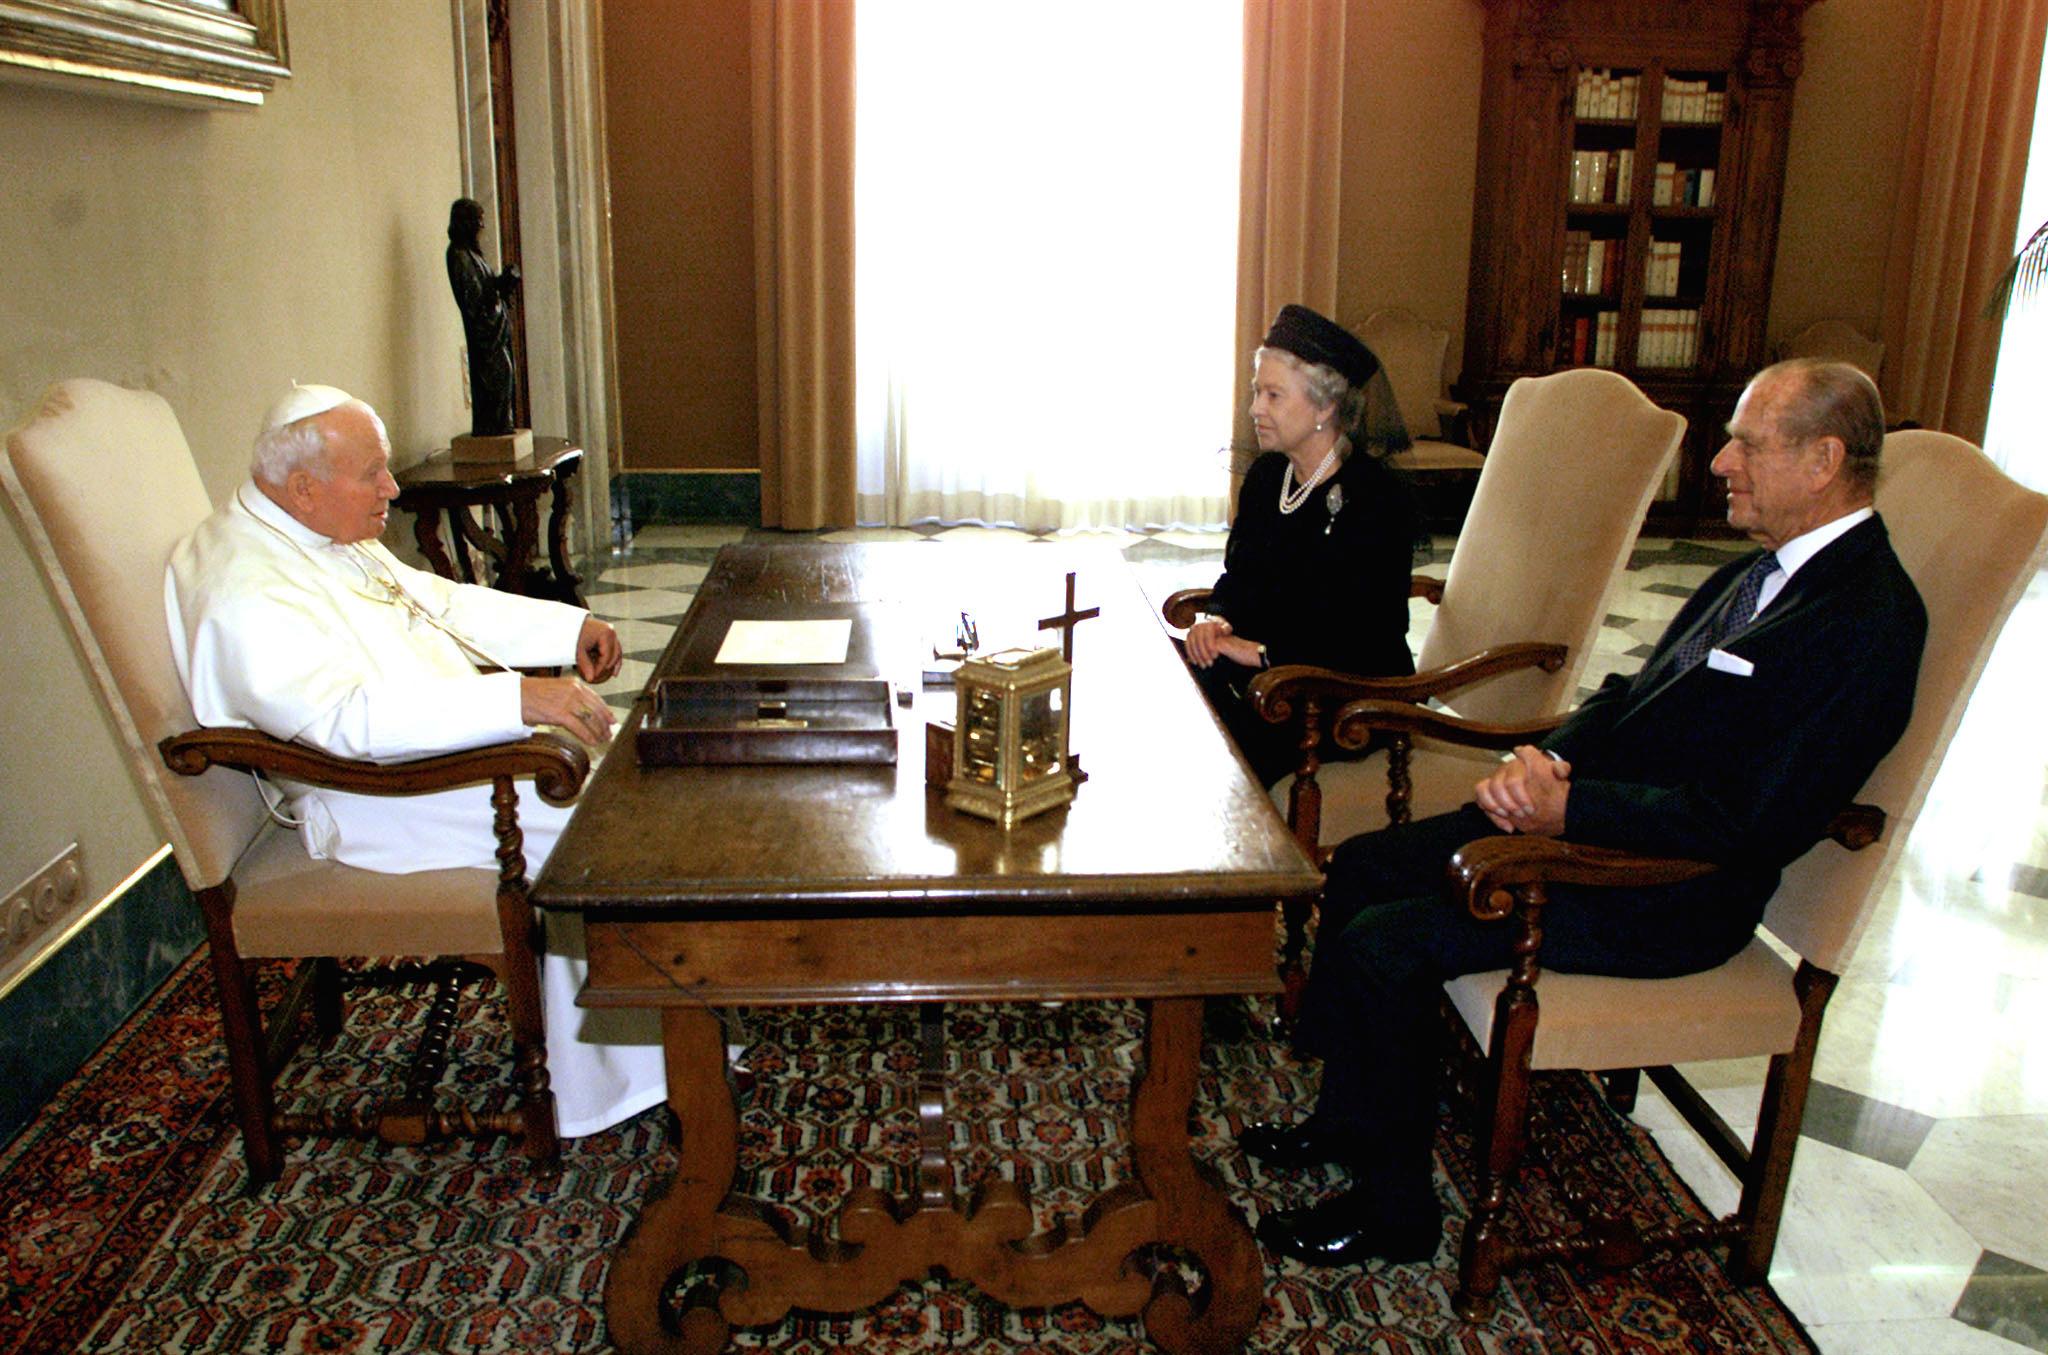 Audiência privada com o Papa João Paulo II no Vaticano em 2000